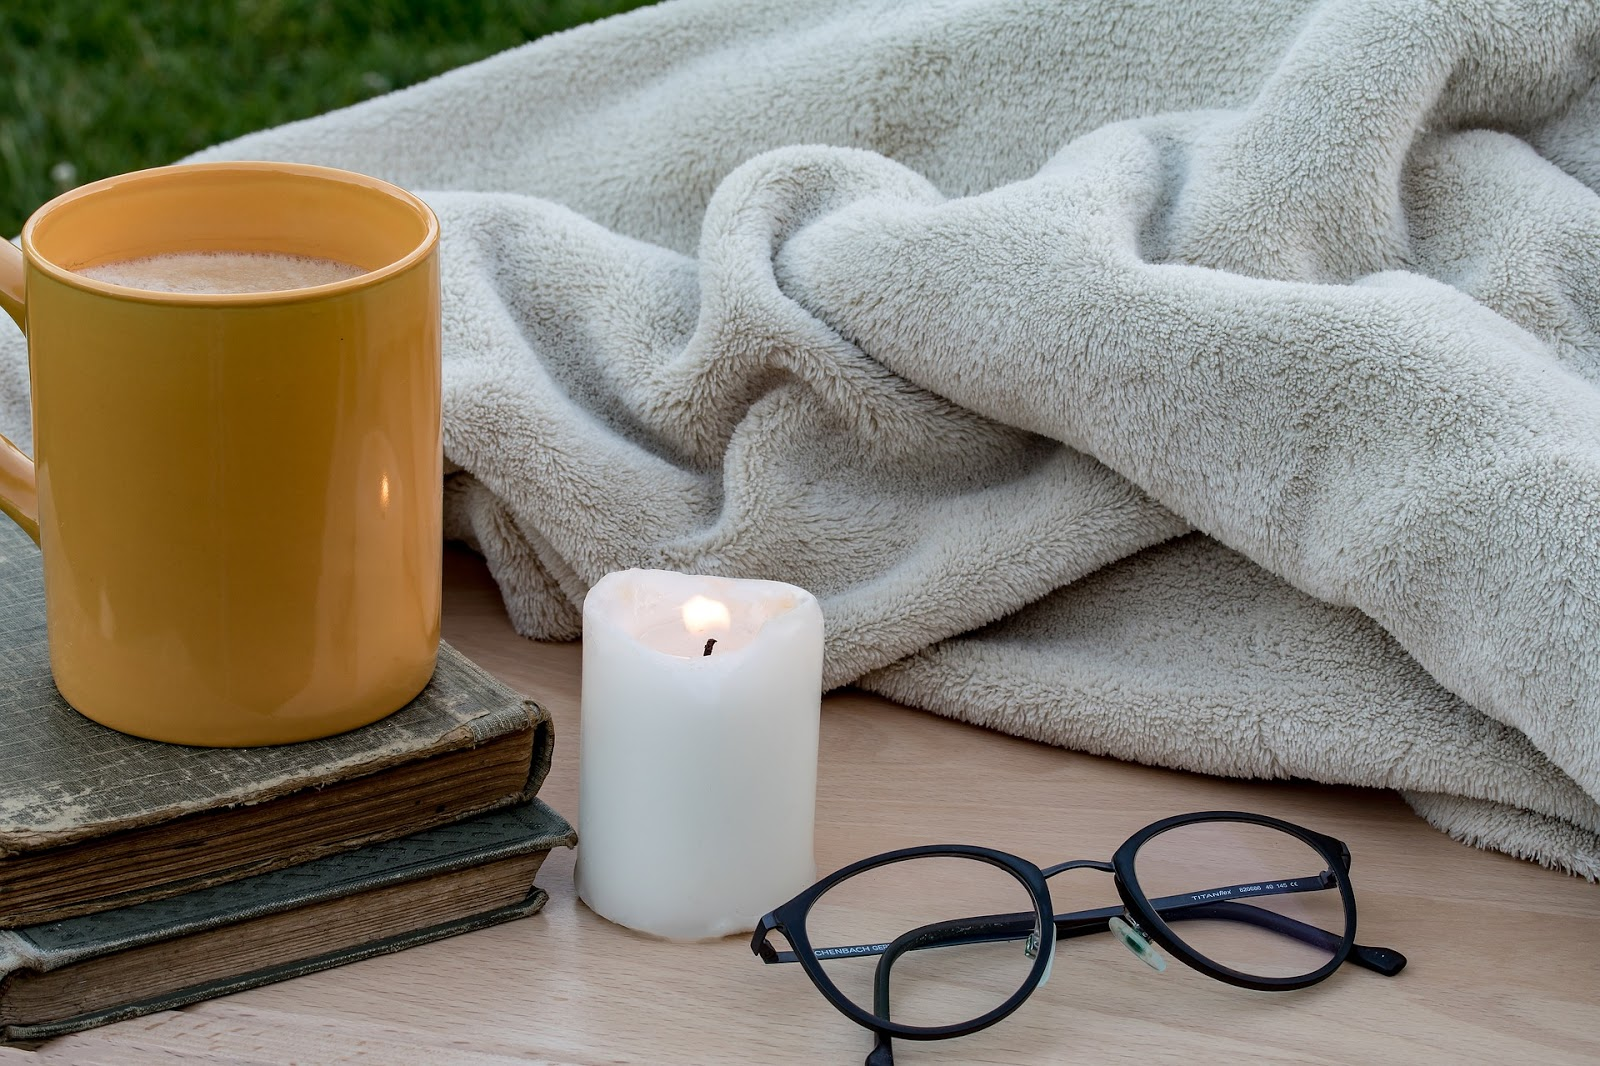 stavi sebe na prvo mjesto, relaksacija, meditacija, duhovnost, spiritologija, opuštanje